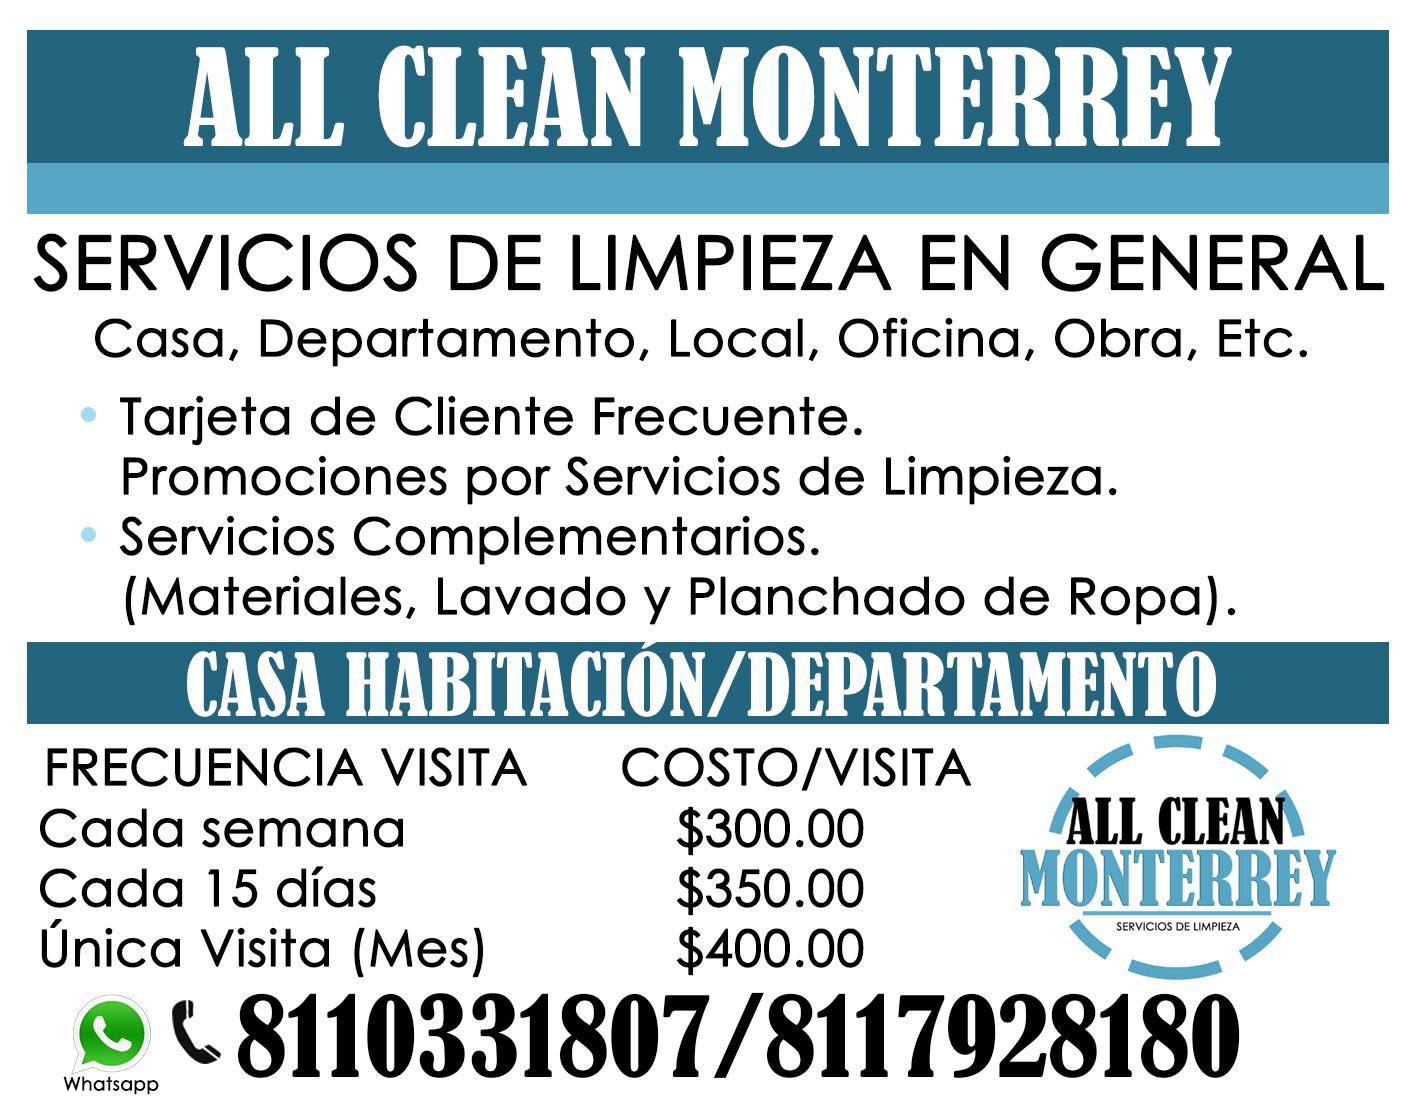 Limpieza de una casa limpieza de una casa with limpieza - Limpieza de una casa ...